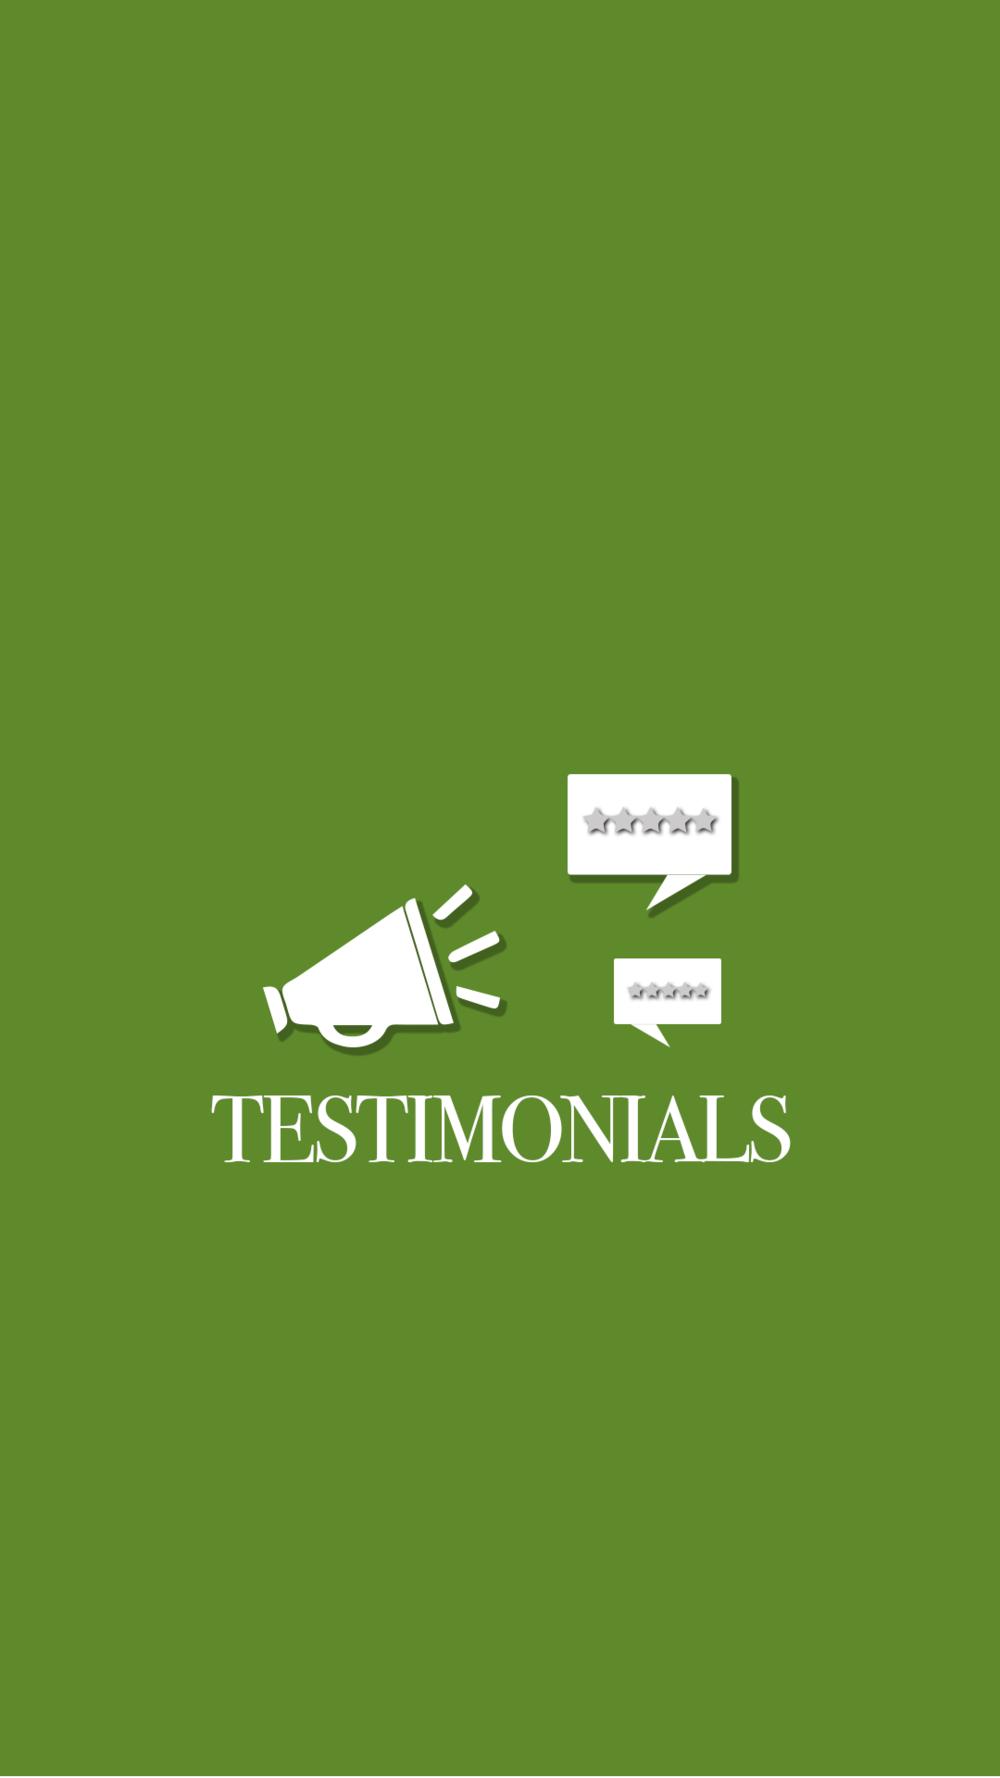 Obinaturals_Testimonials copy.png